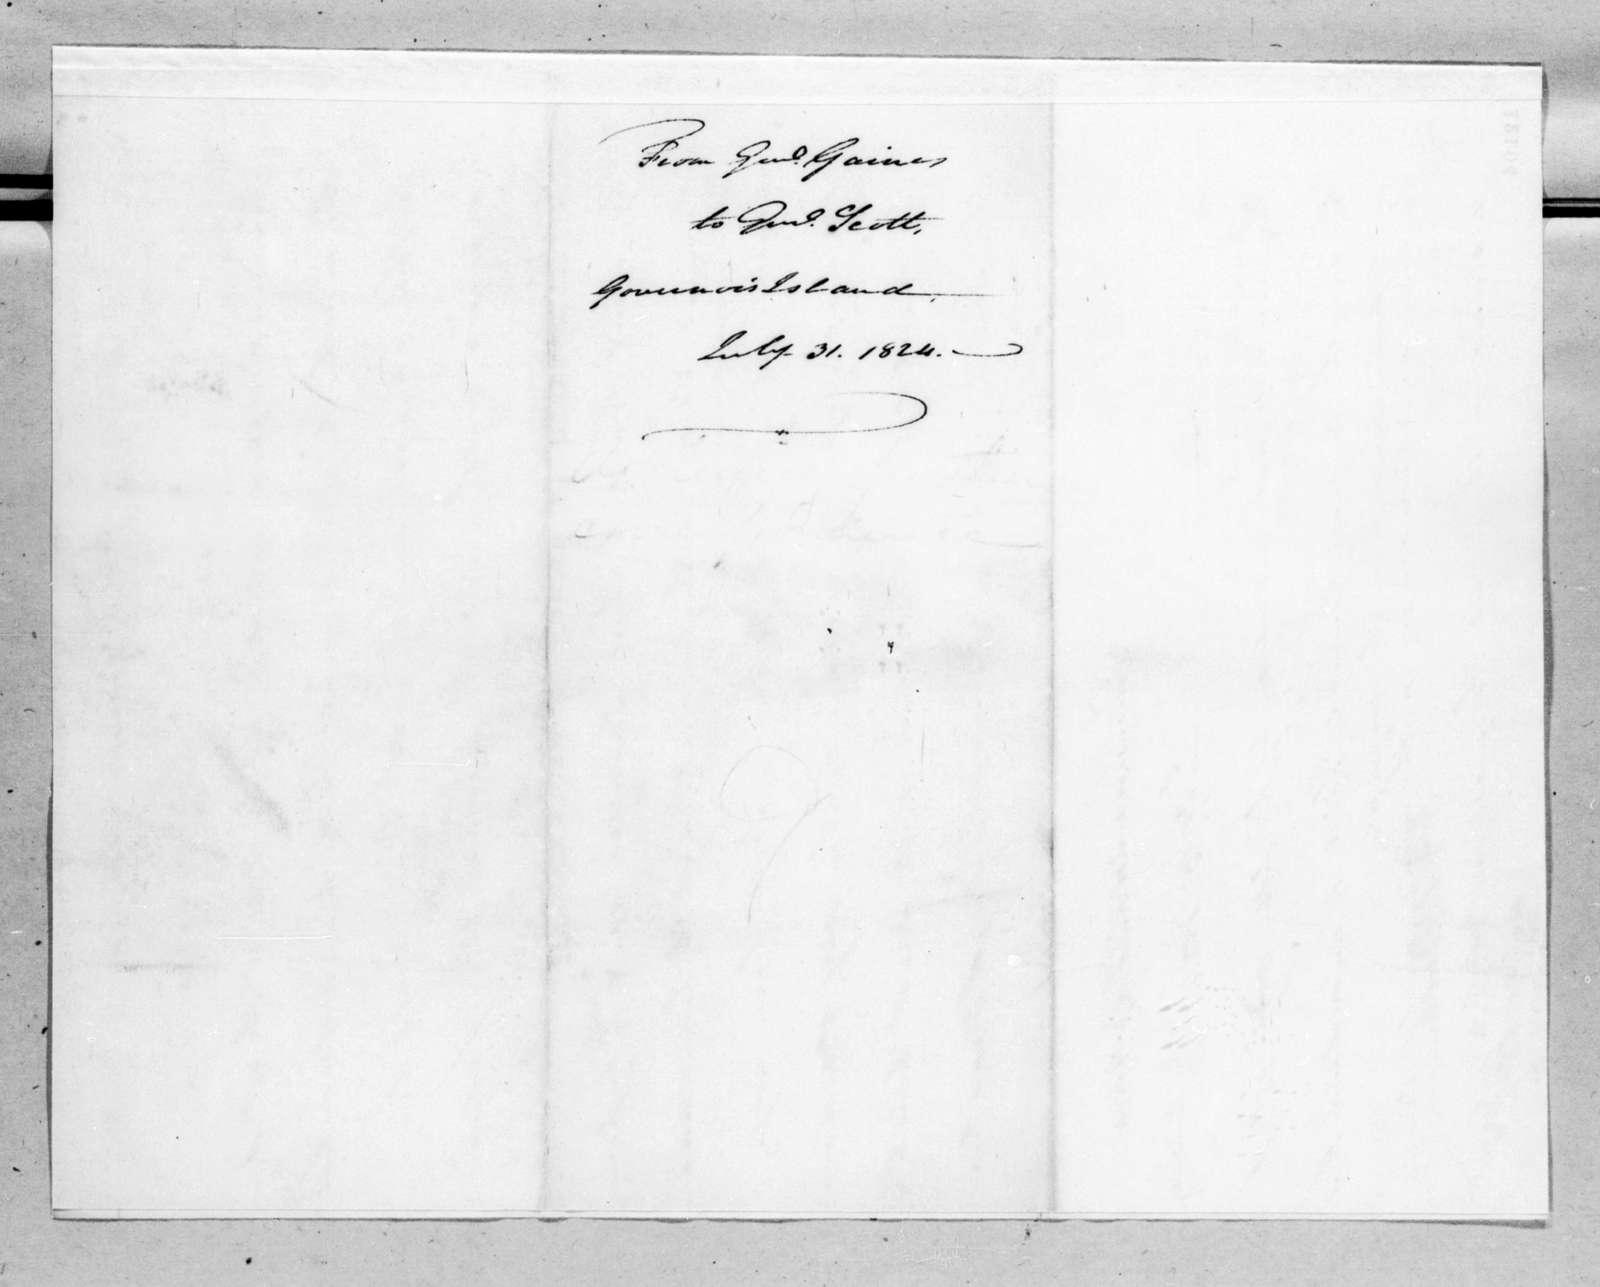 Edmund Pendleton Gaines to Winfield Scott, July 31, 1824